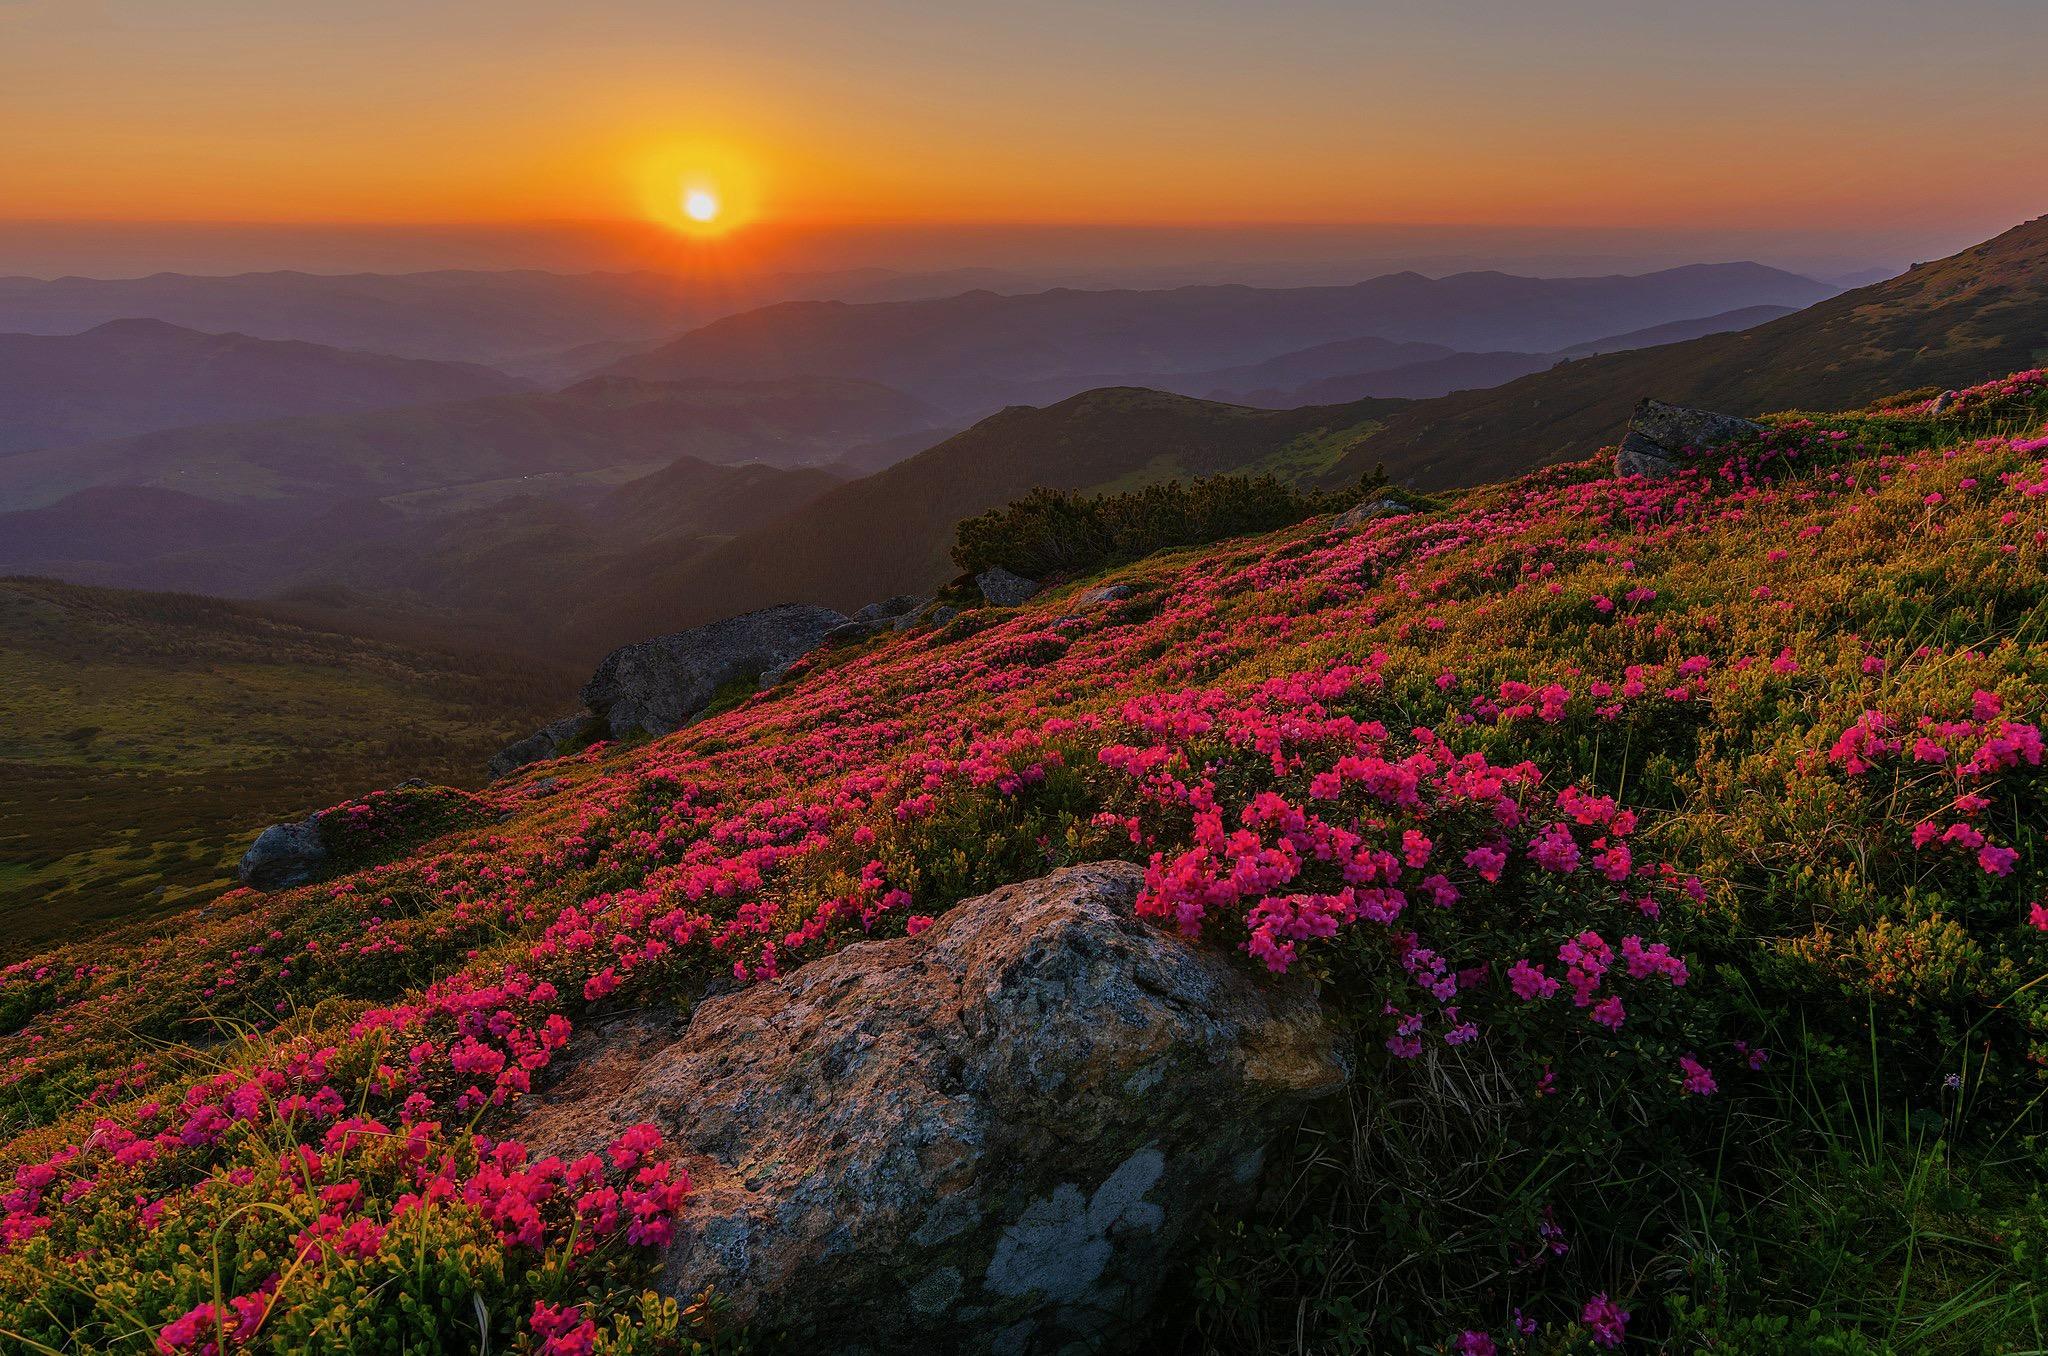 ододендронний-світанок-на-Вухатому-Камені